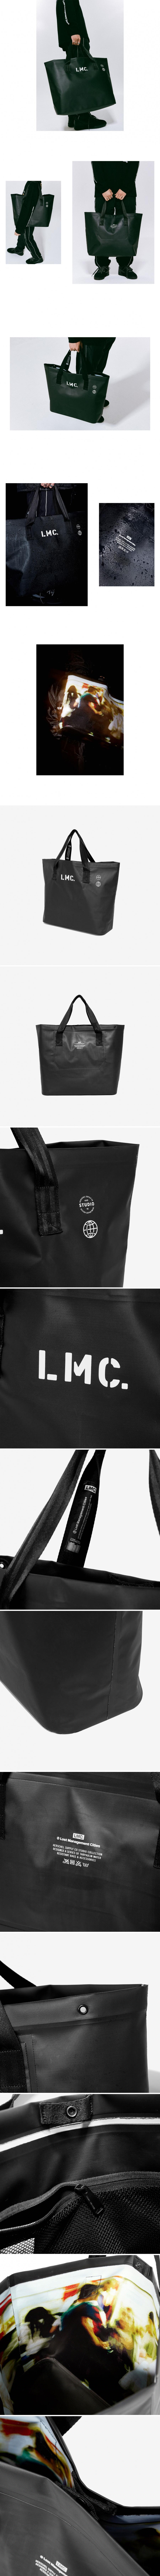 엘엠씨(LMC) LMC x HERSCHEL ALEXANDER TOTE black